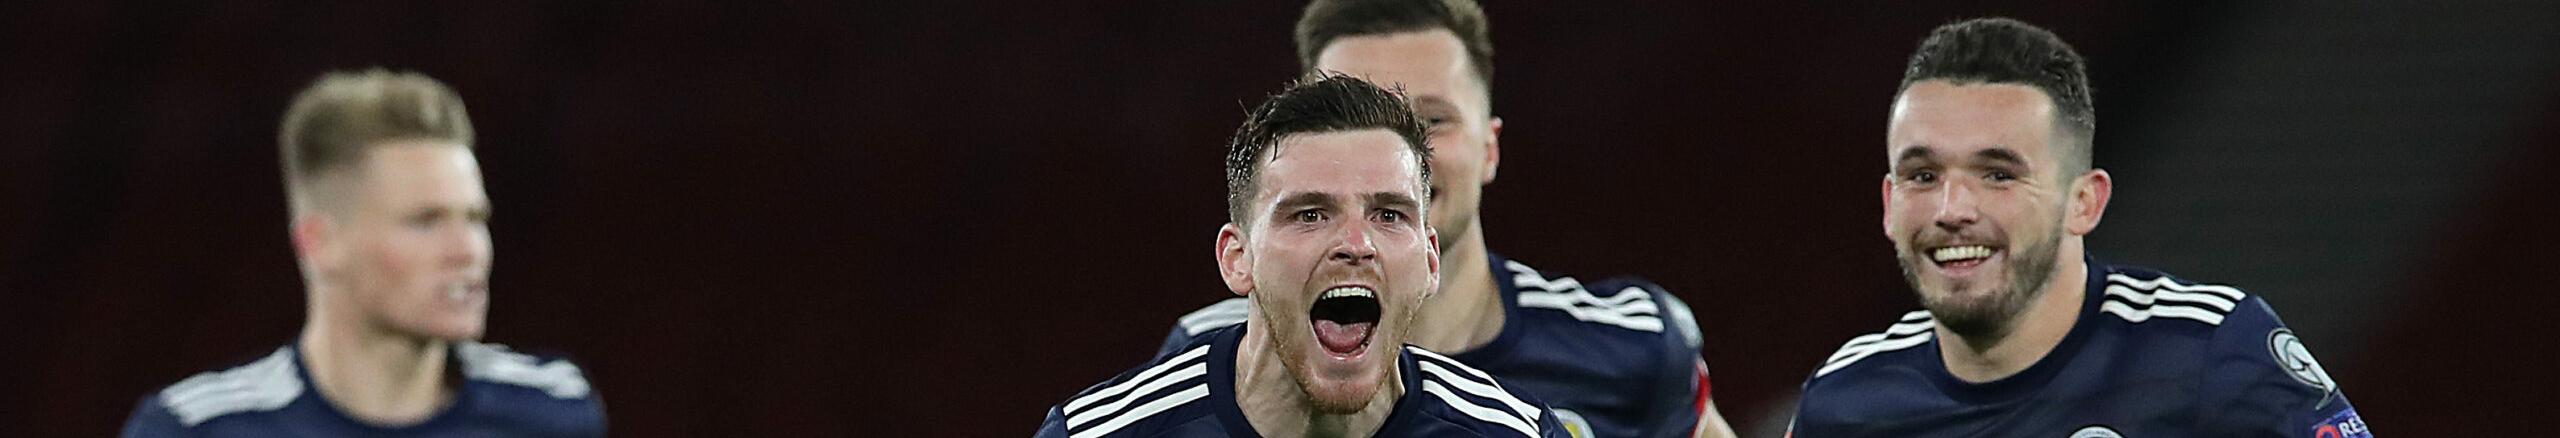 Qualificazioni Mondiali 2022, in Europa comincia la corsa verso il Qatar